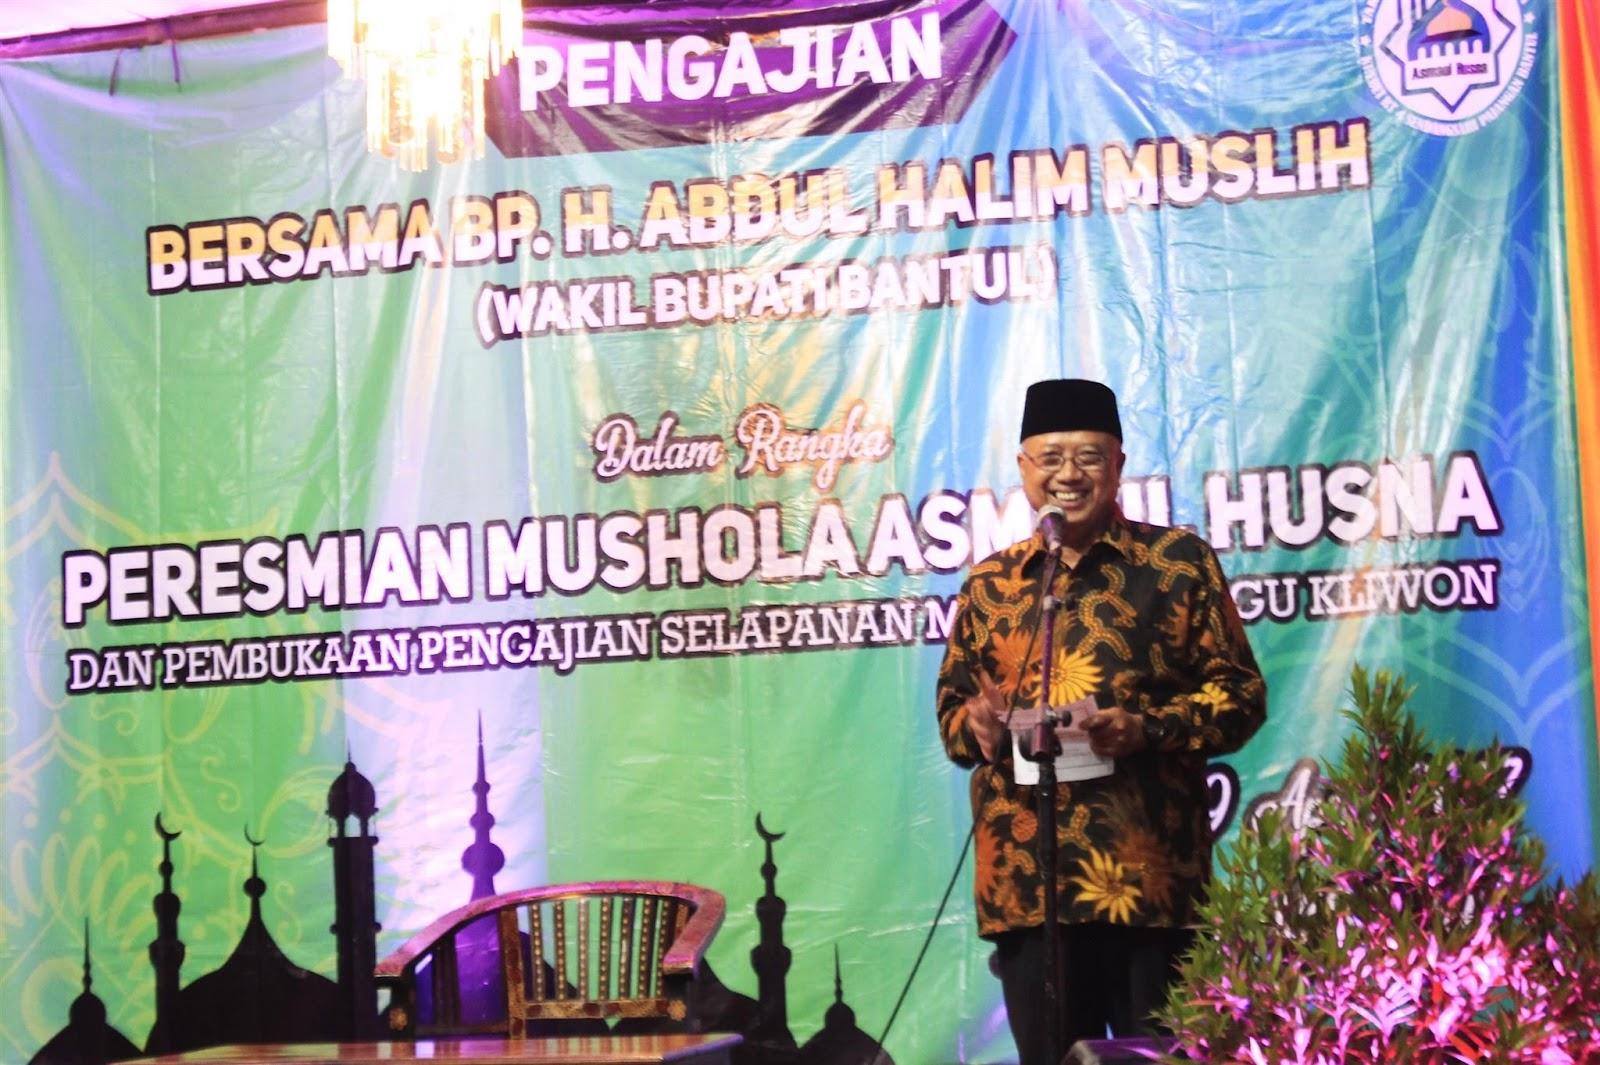 Peresmian Mushola Asmaul Husna Krebet Oleh Bupati Dan Wakil Bupati Bantul